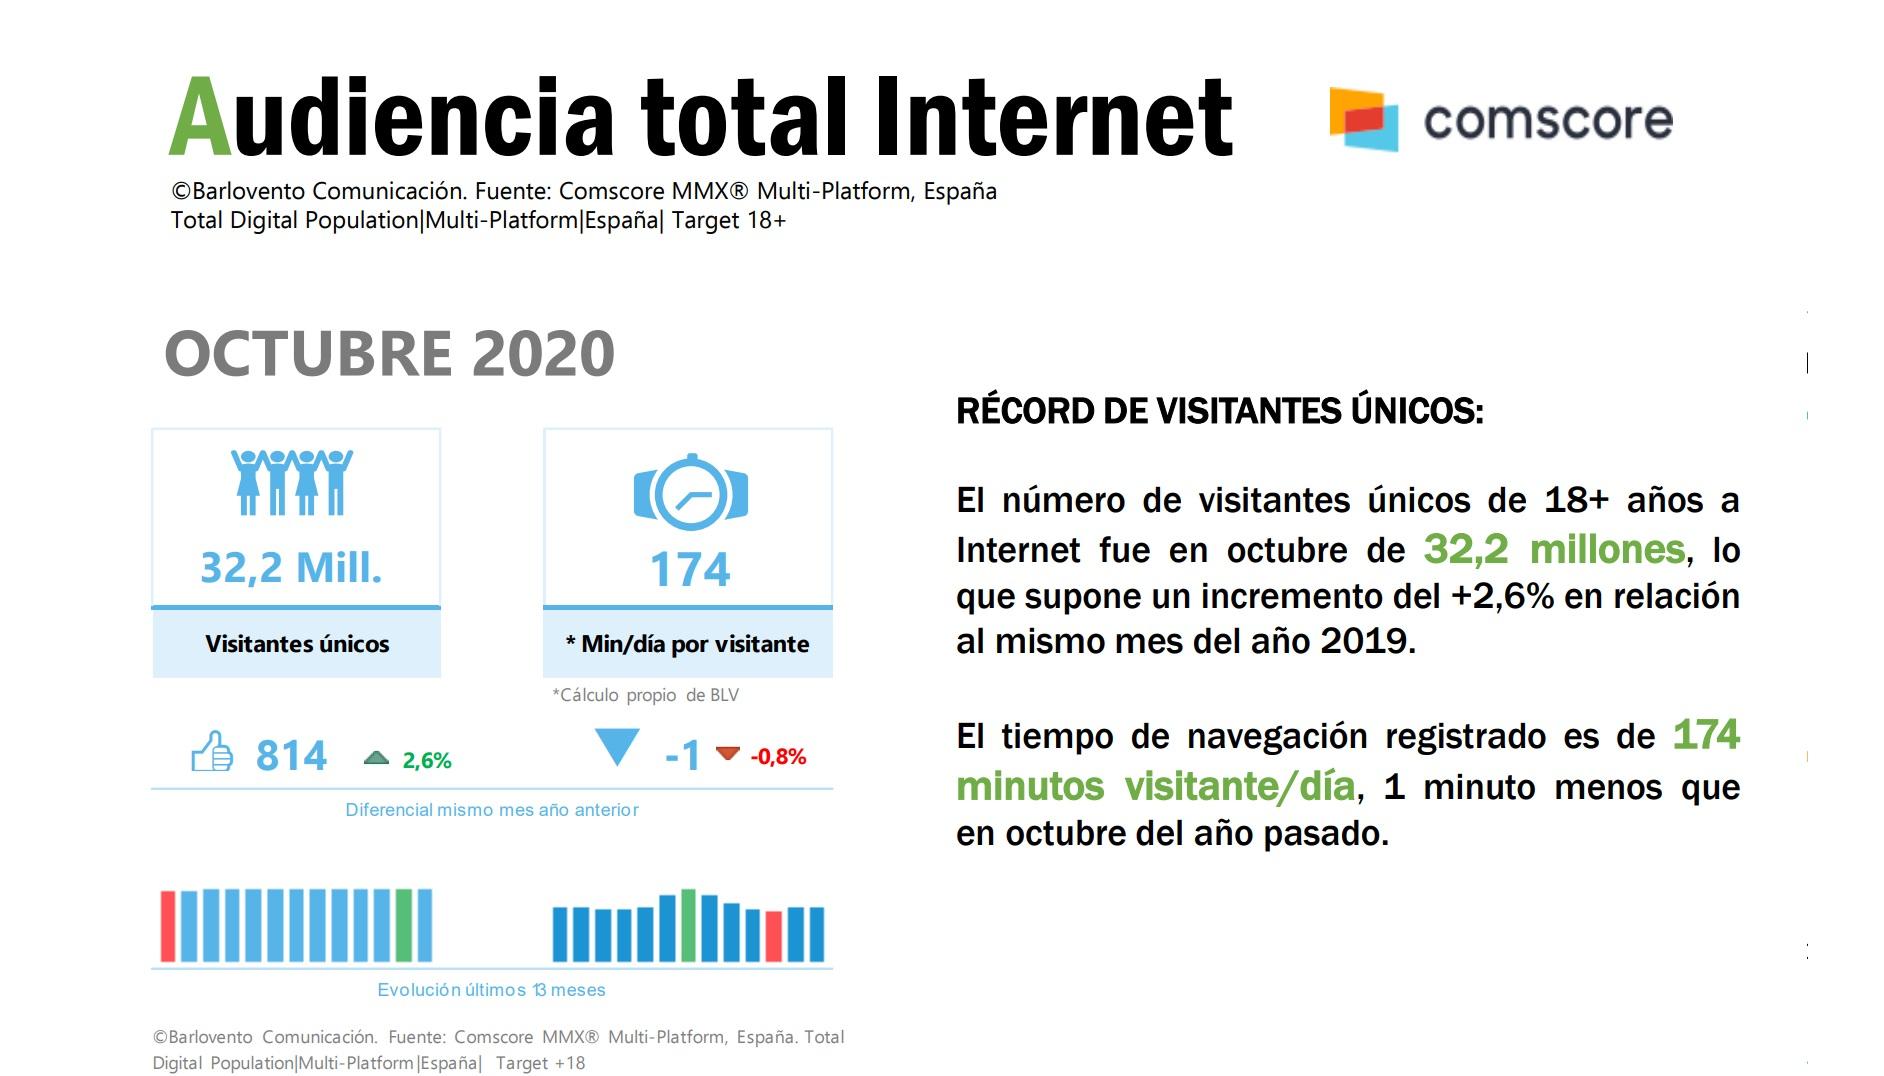 https://www.programapublicidad.com/wp-content/uploads/2020/11/audiencia-total-internet-global-broadcast-tv-top15-Consumo-diario-Internet-Televisión-Octubre-2020-barloventoprogramapublicidad.jpg